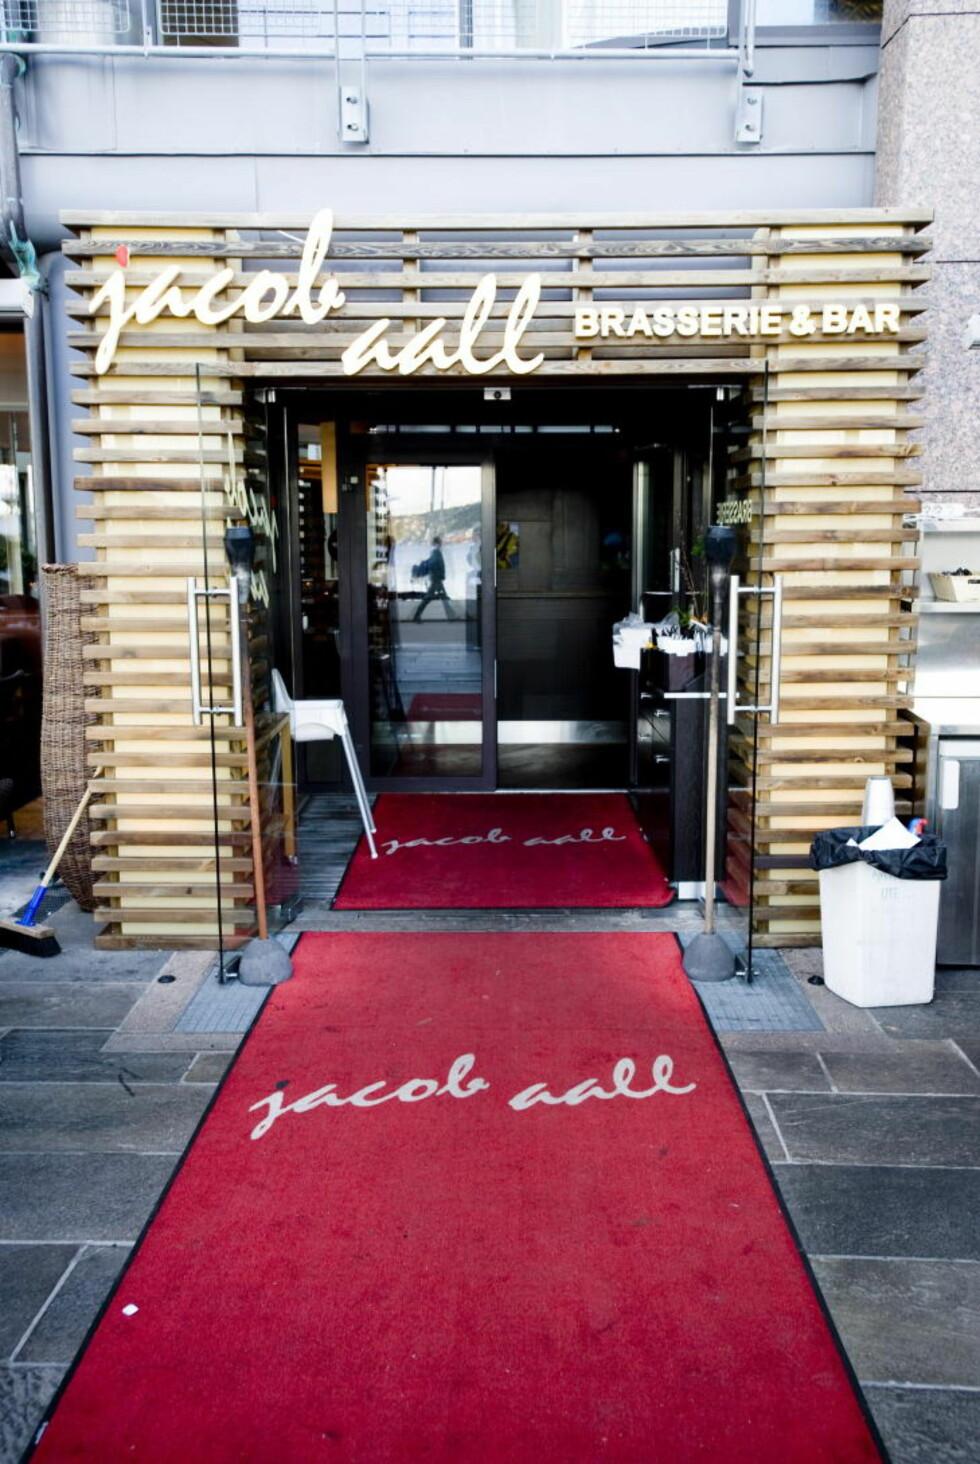 POPULÆRT STED: Jacob Aall Brasserie & Bar har blitt et svært populært lunsjsted blant forretningseliten på Aker Brygge. Restaurantens ligger ytterst på brygga i nyoppussede lokaler. Foto: THOMAS RASMUS SKAUG/DAGBLADET